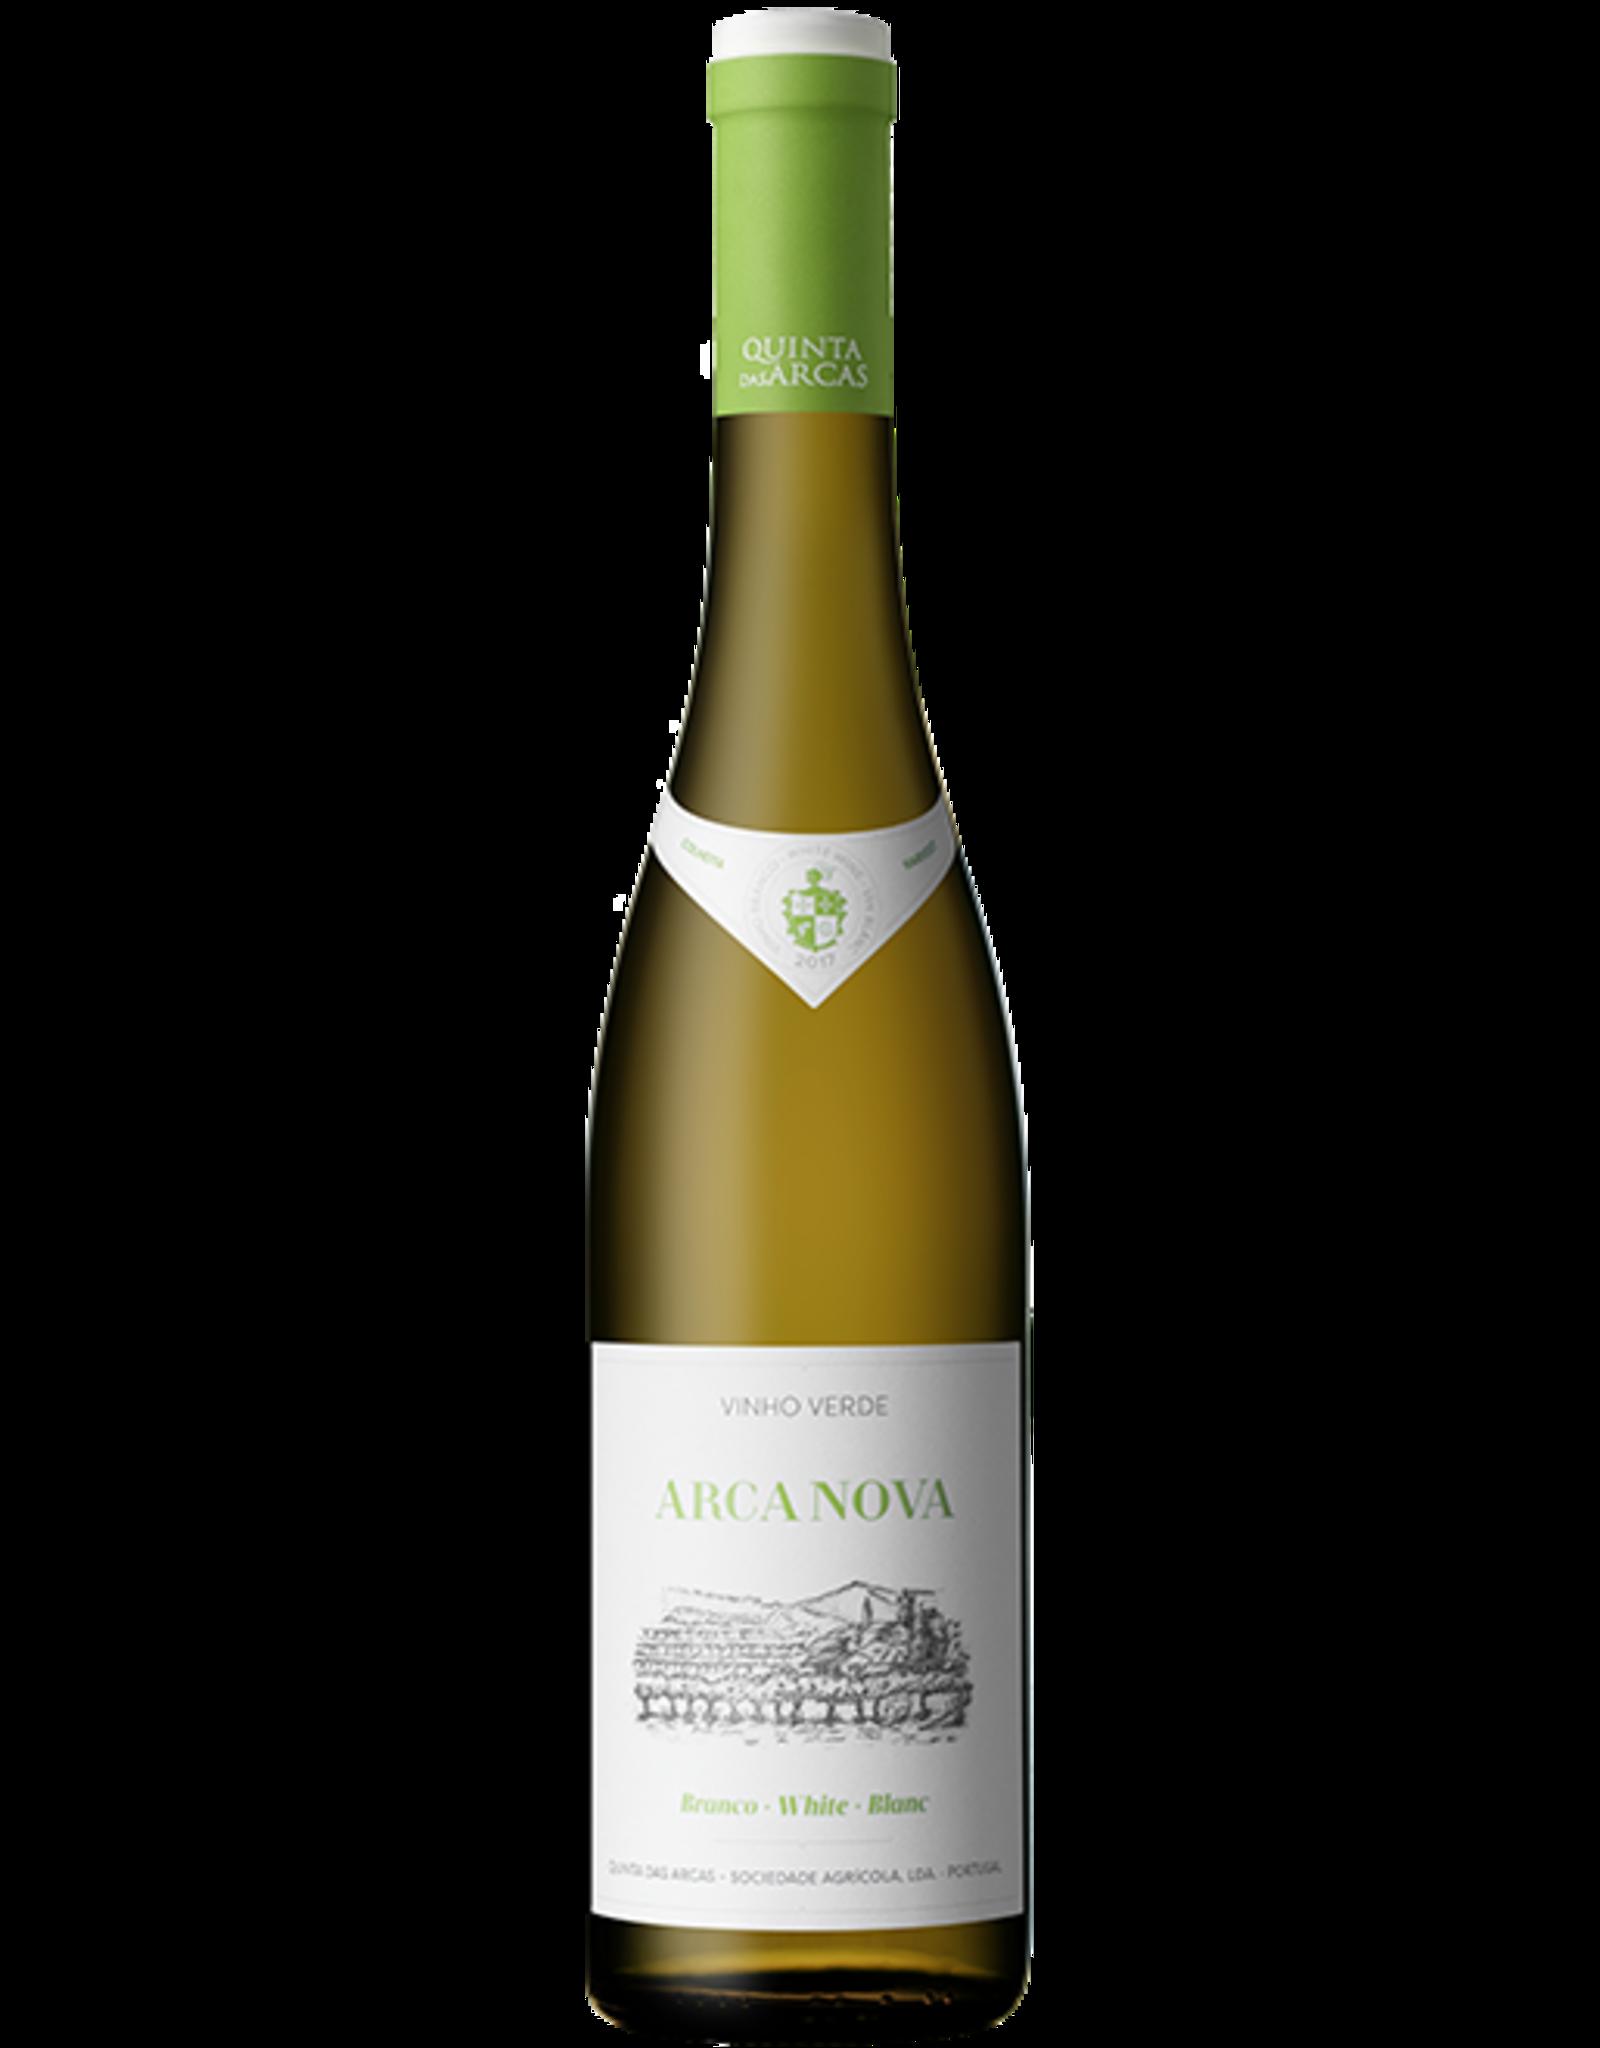 Arca Nova Arca Nova Vinho Verde 2020